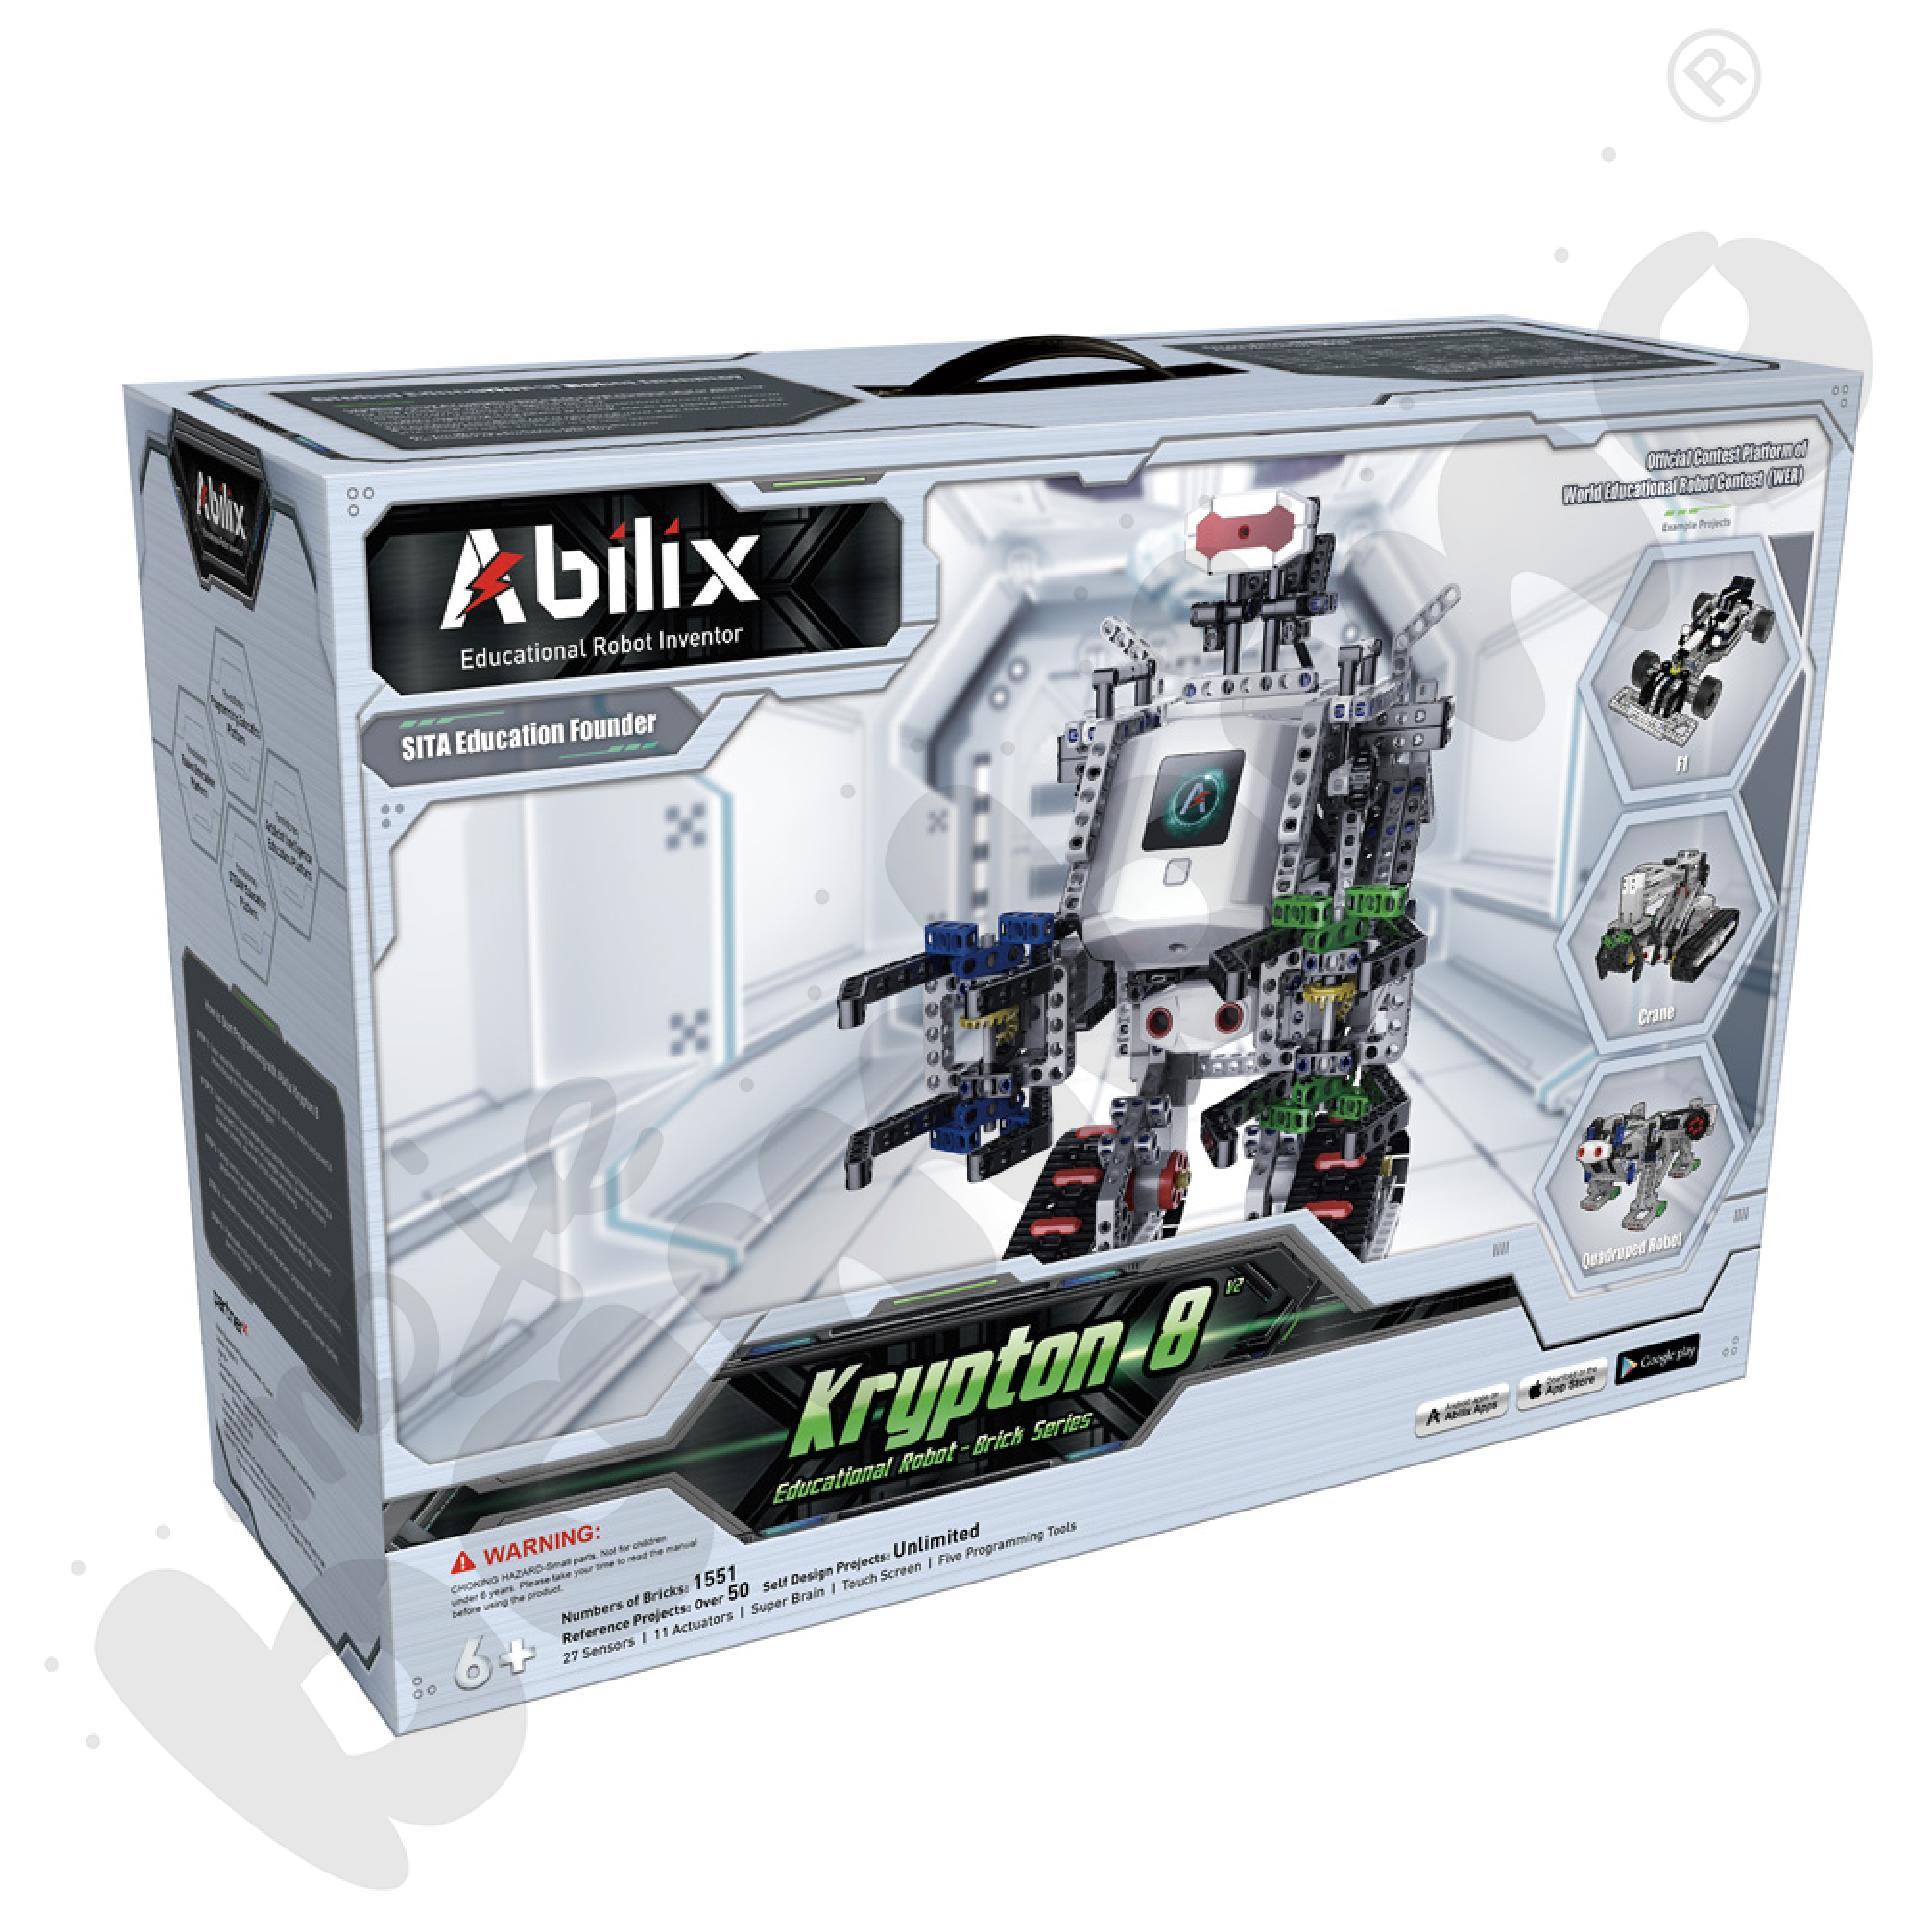 Robot Abilix Krypton 8